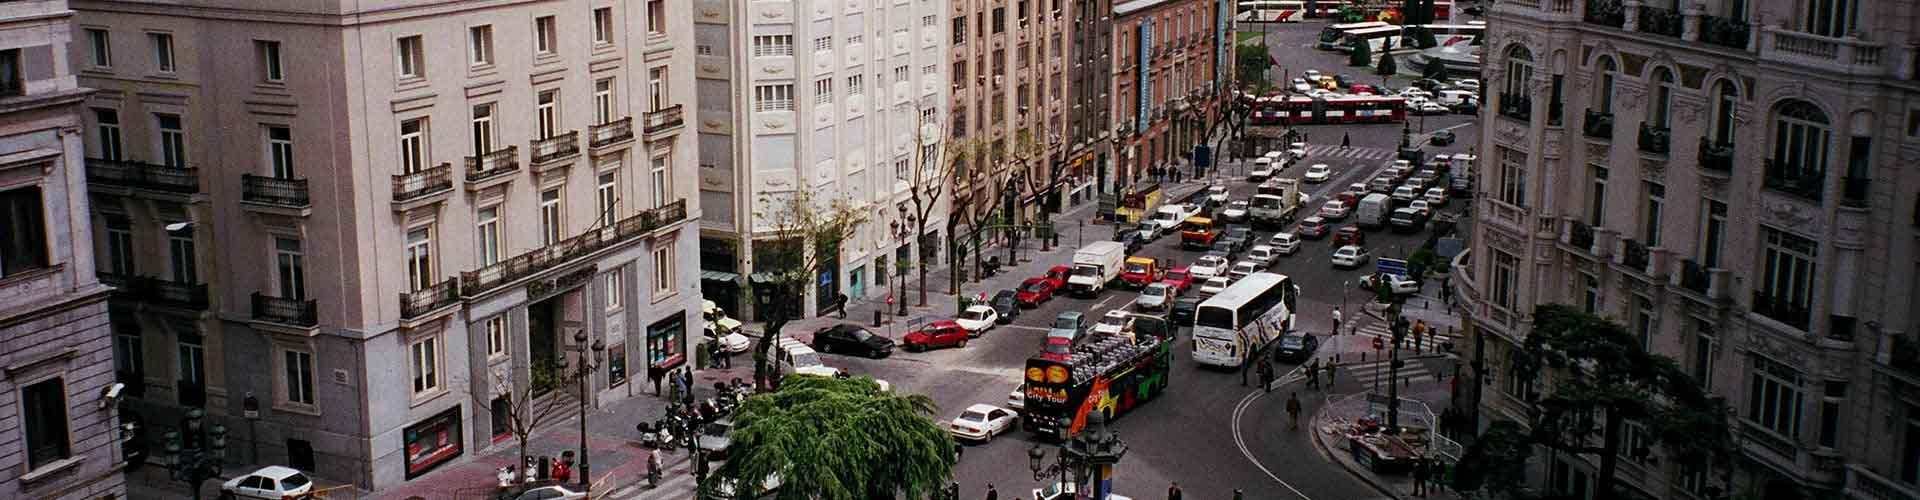 Madrid - Albergues Juveniles en el distrito Cortes . Mapas de Madrid, Fotos y Comentarios para cada Albergue Juvenil en Madrid.